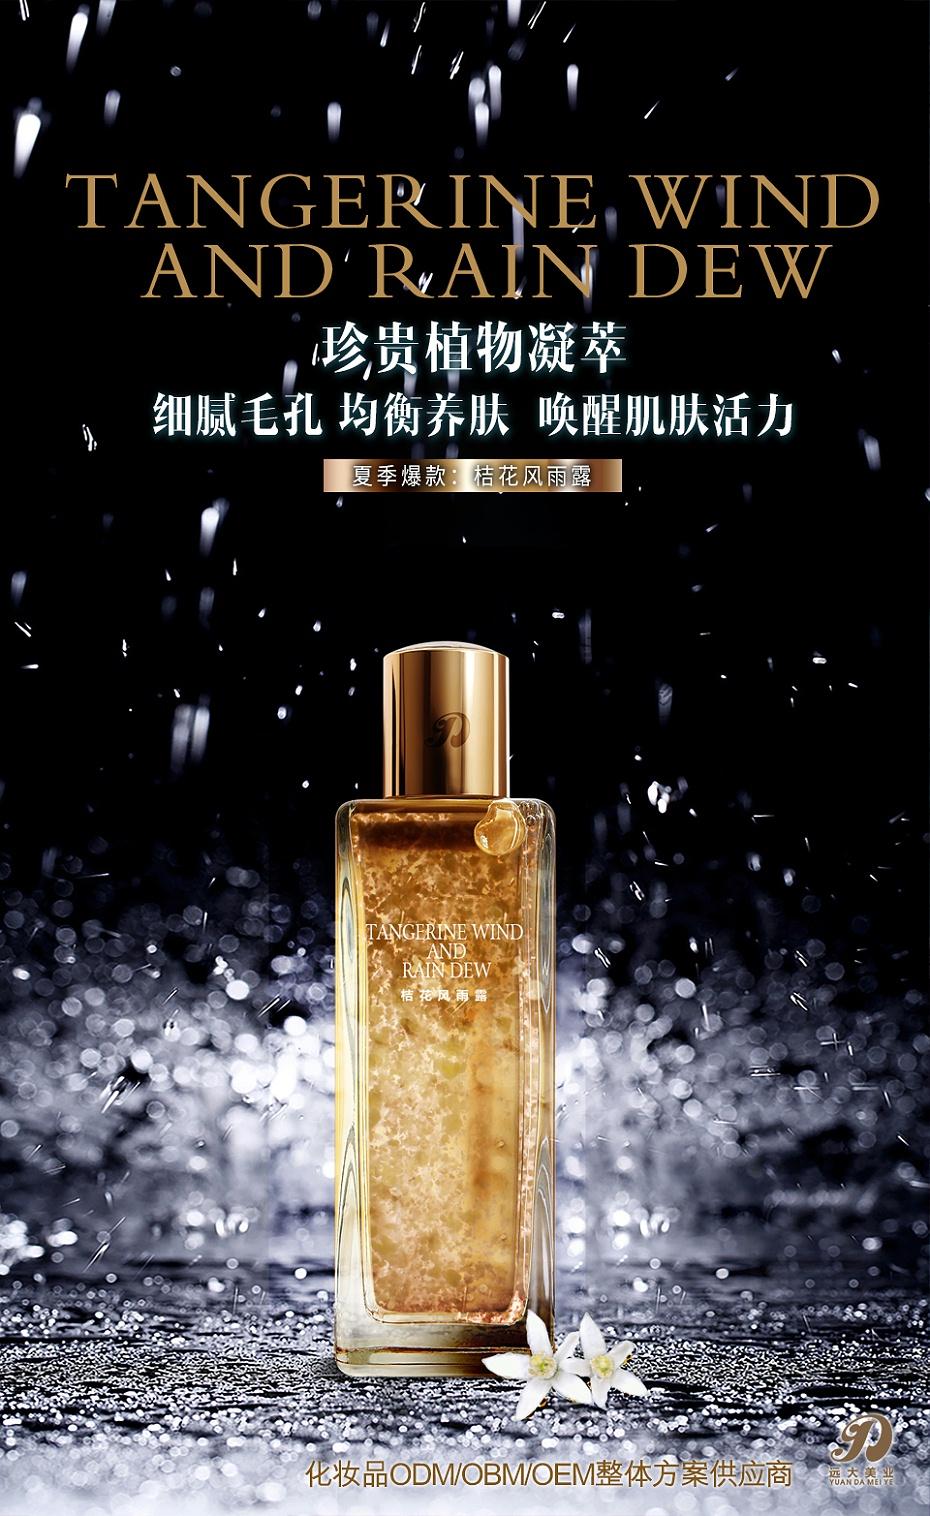 橘花风雨露手机海报-4